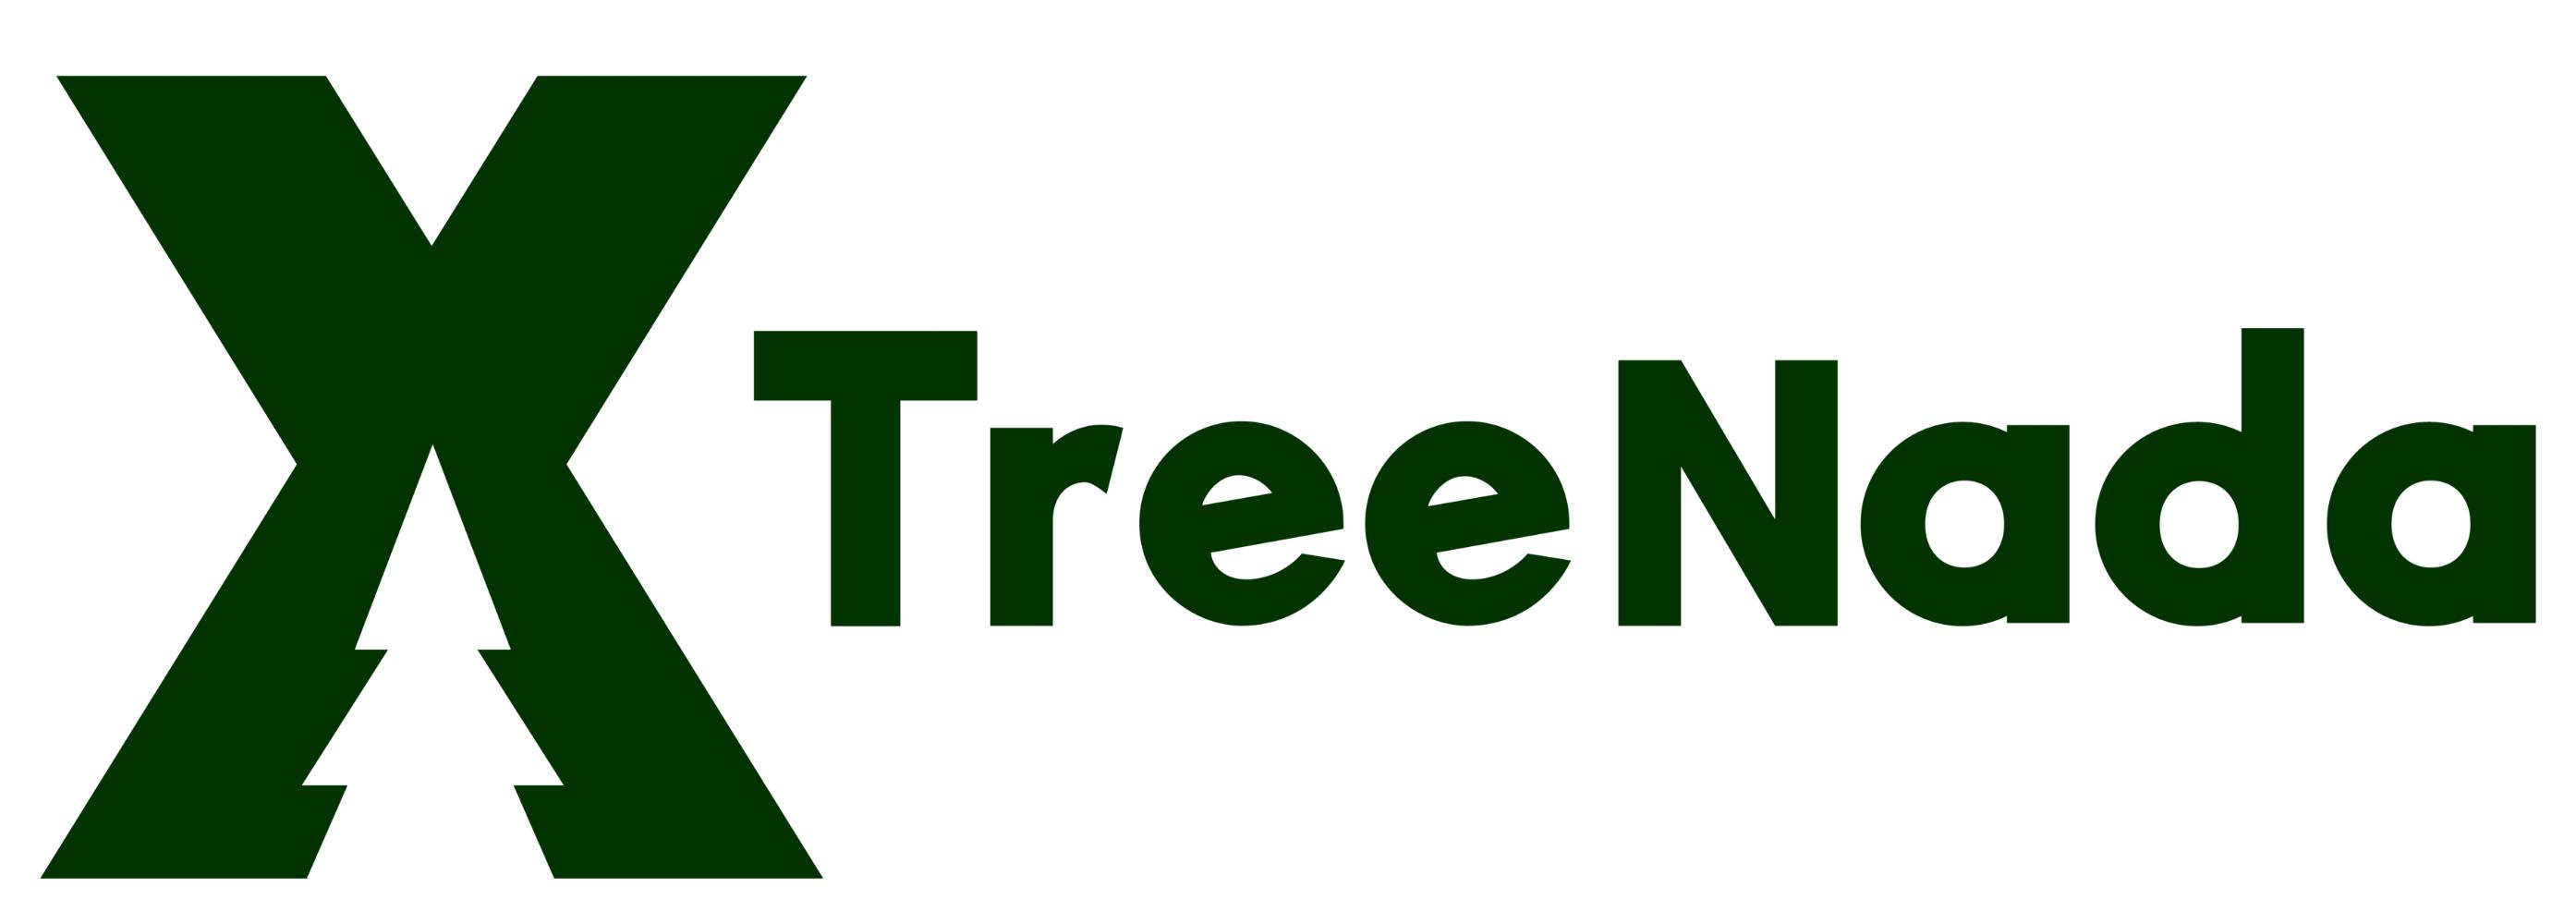 TreeNada -